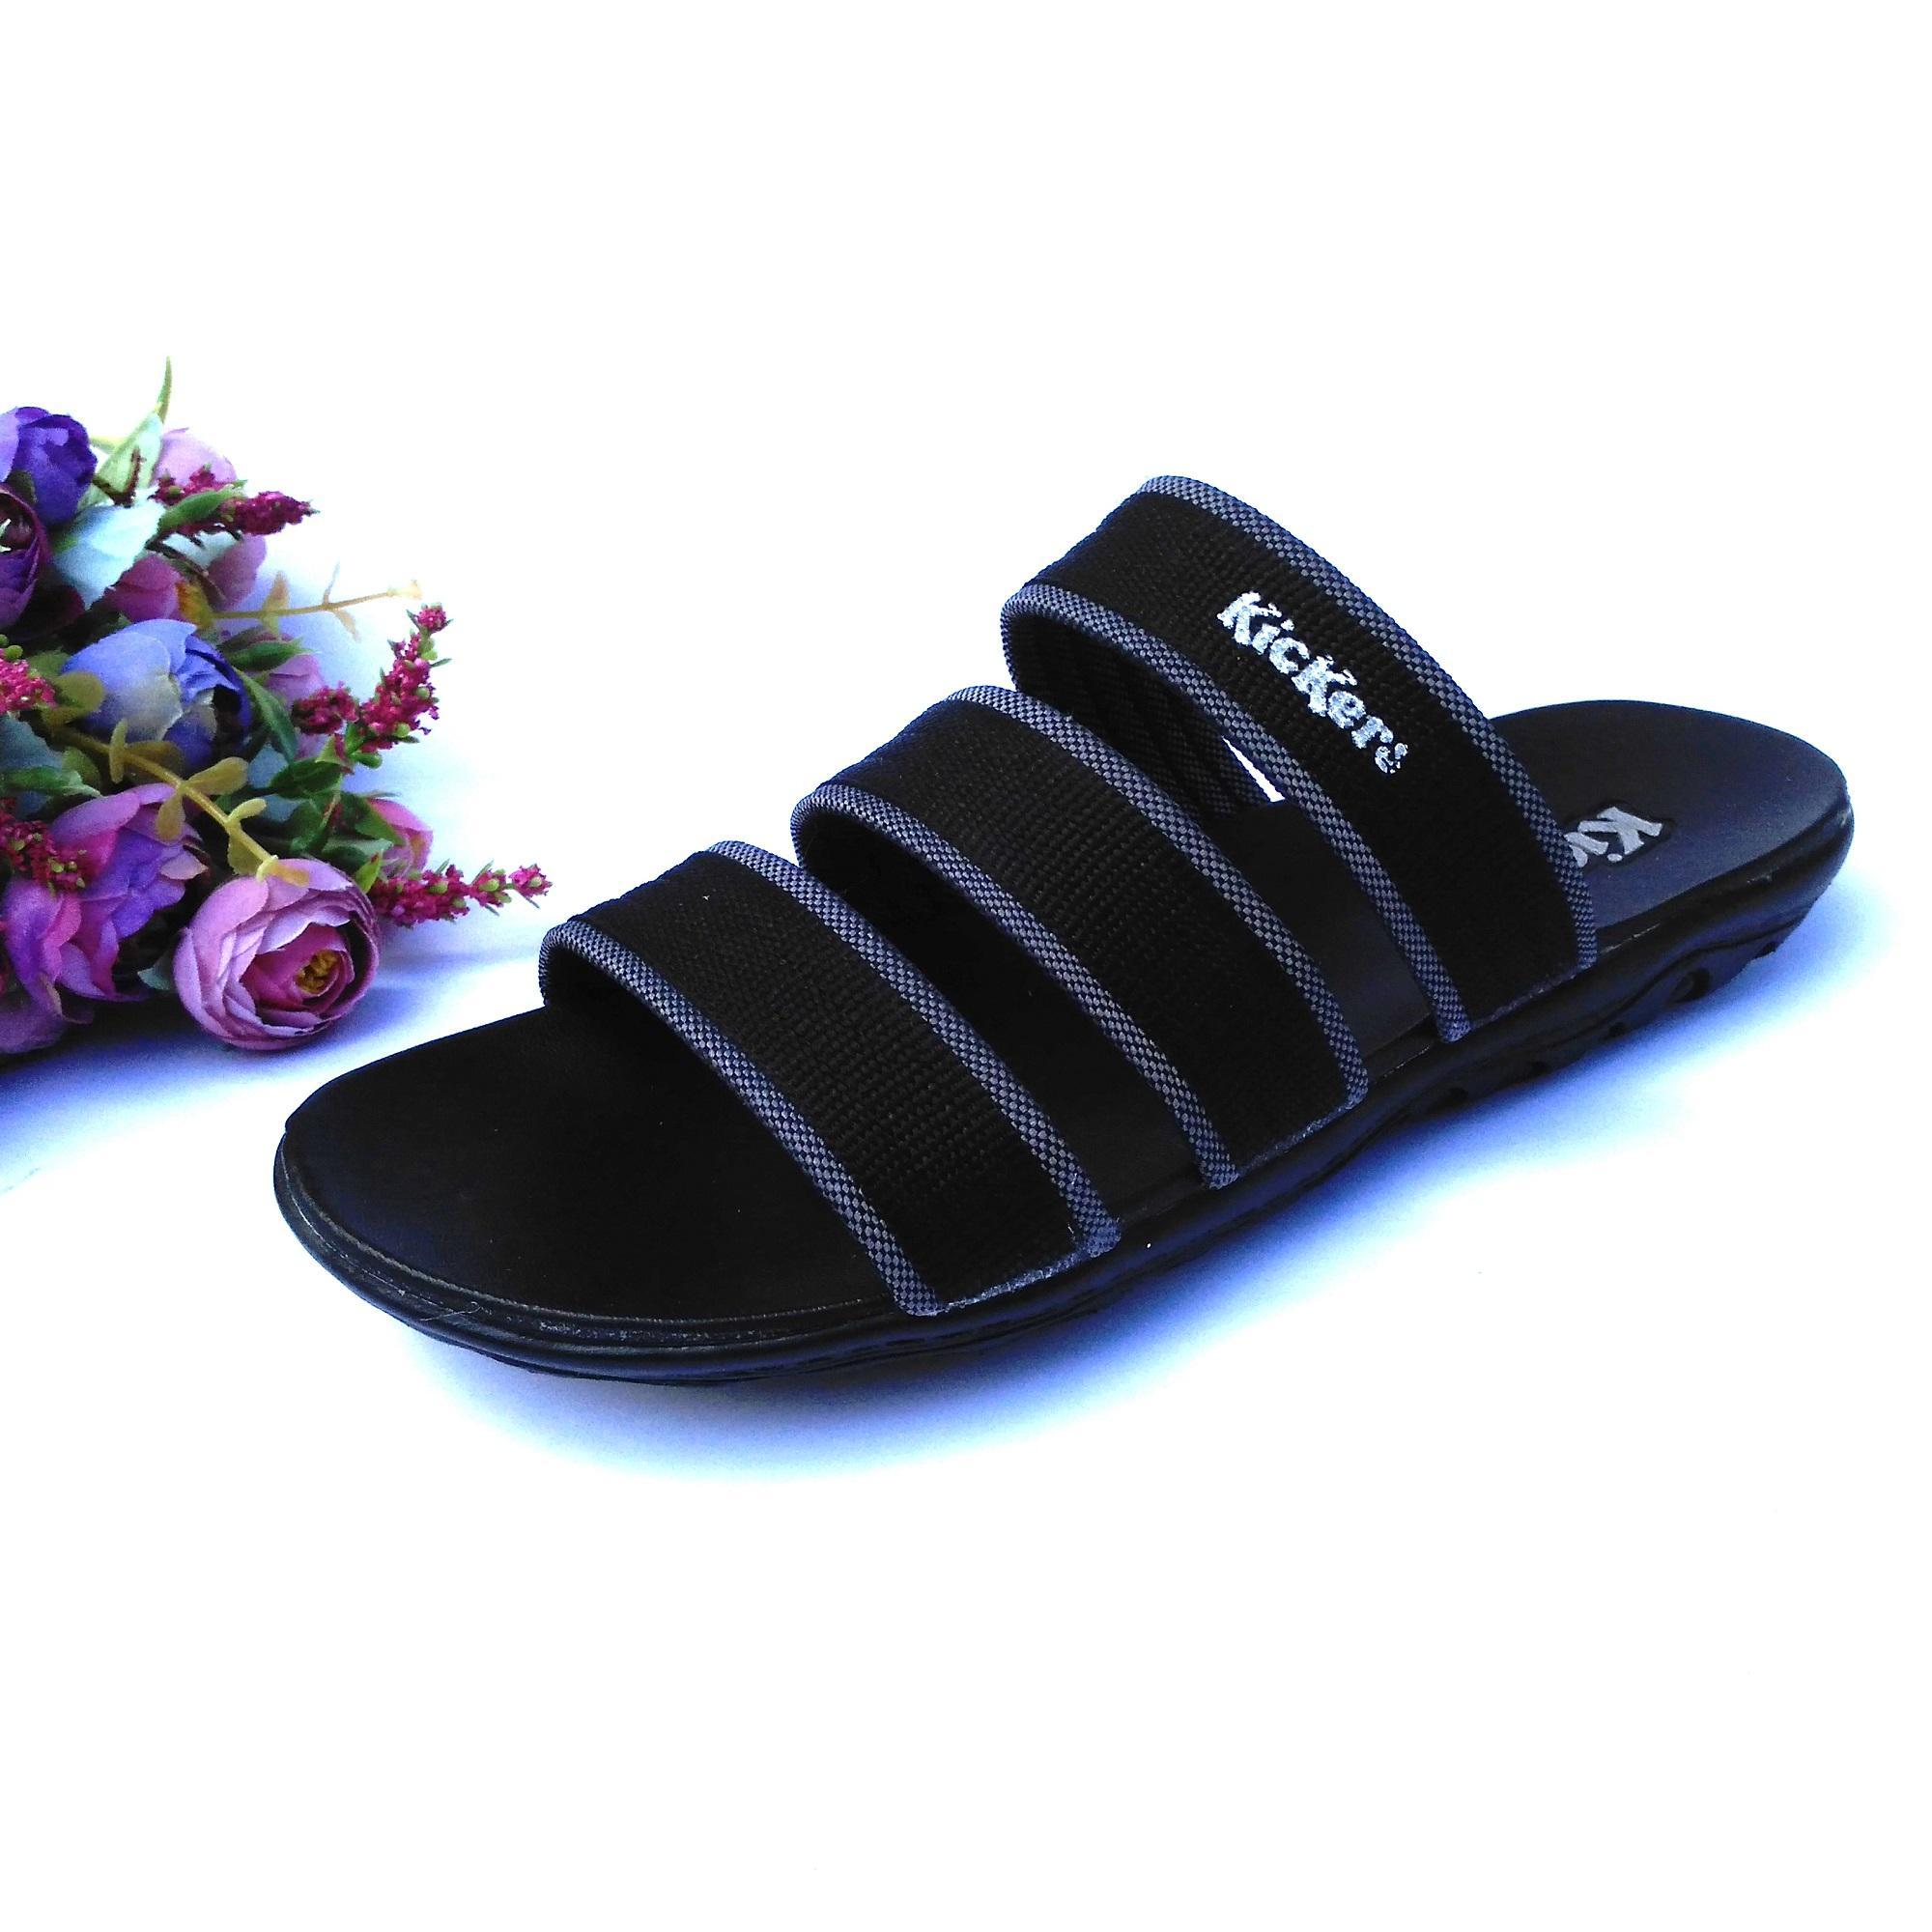 HQo Sandal Pria Terbaru / Sandal Gunung / Sepatu Sandal Pria Murah / Sandal Kulit Pria / Sandal Casual / Sandal Selop / Sandal Jepit / Fashion Pria / Sandal Pria Casual / Sandal Pria Kasual / Sendal Pria / Sandal Pria Murah / B3